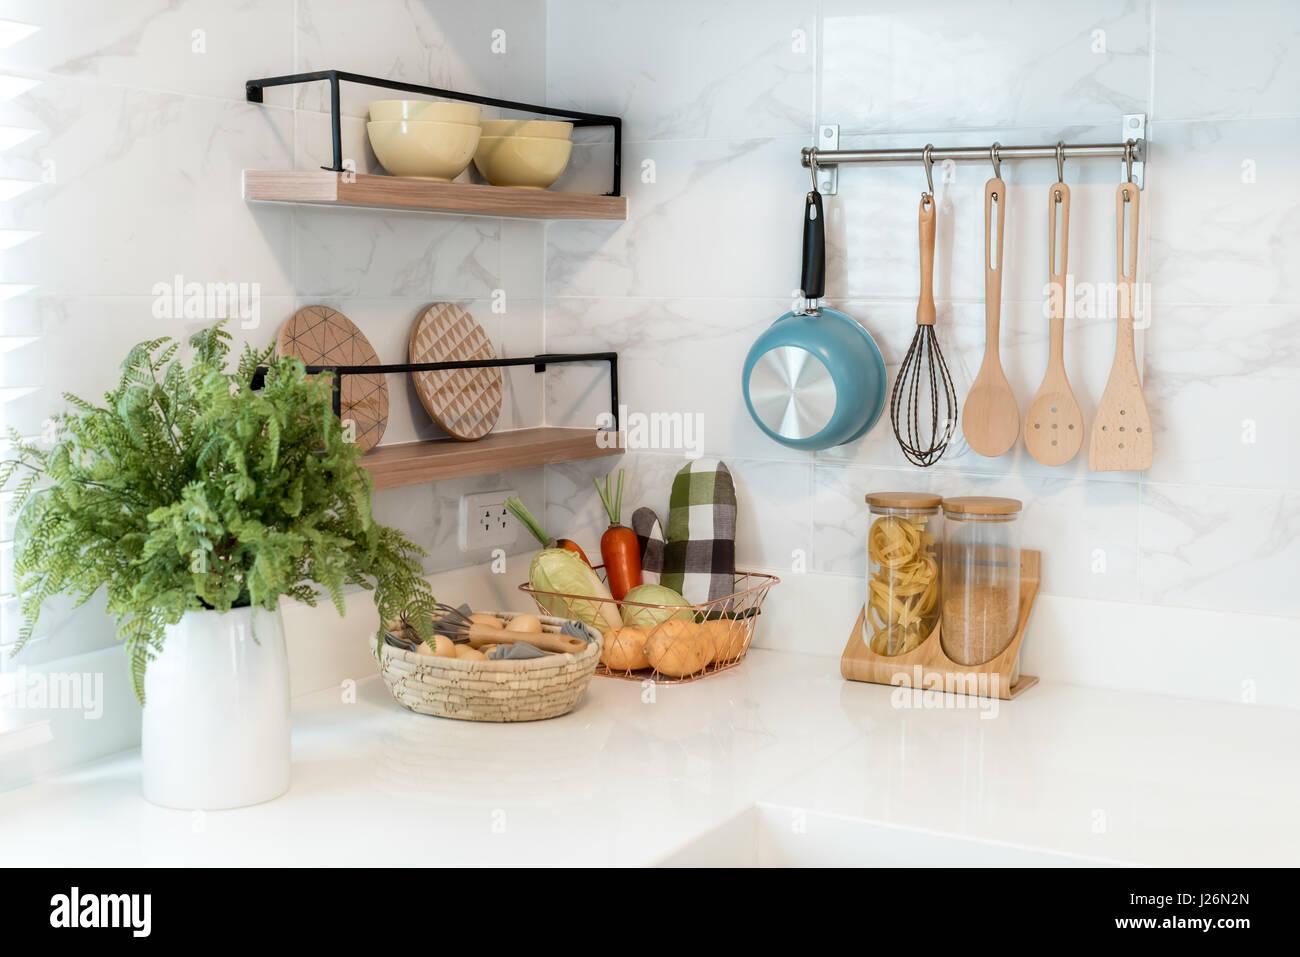 Cucina utensili da legno, chef accessori. Appendere il rame cucina con piastrelle bianche pareti. Immagini Stock